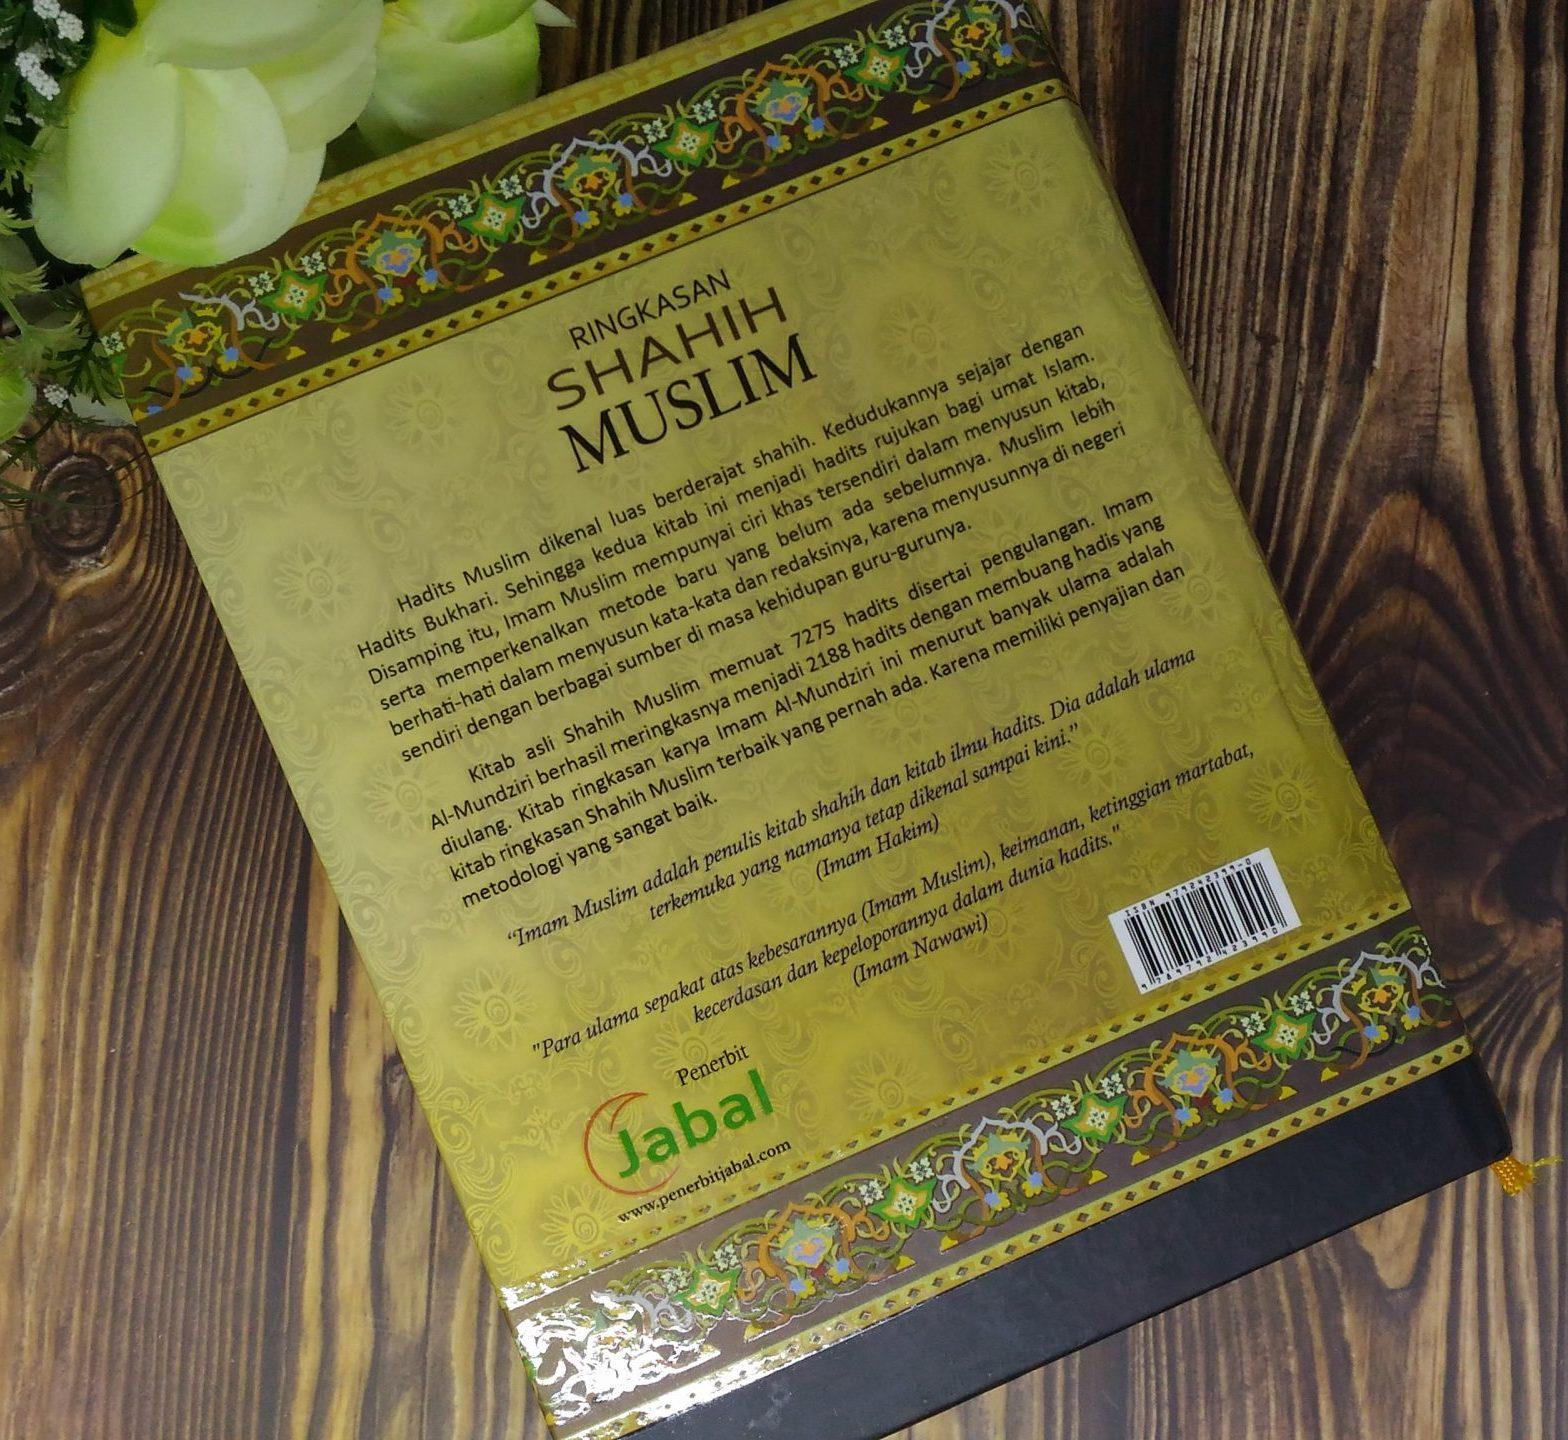 ringkasan shahih muslim 2